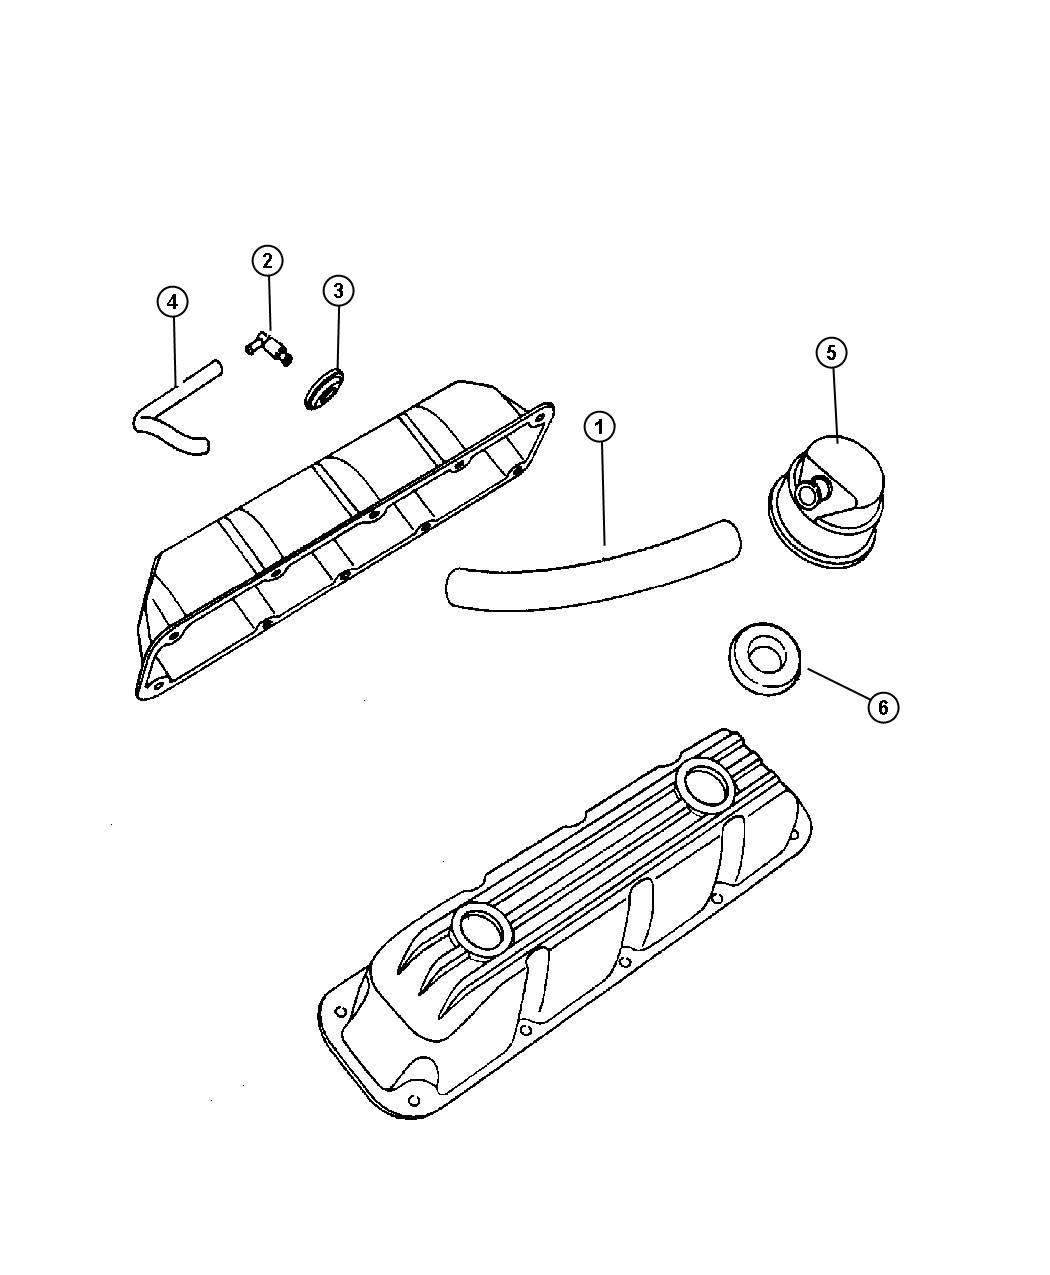 chrysler 200 grommet  crankcase vent  gromet  pcv valve